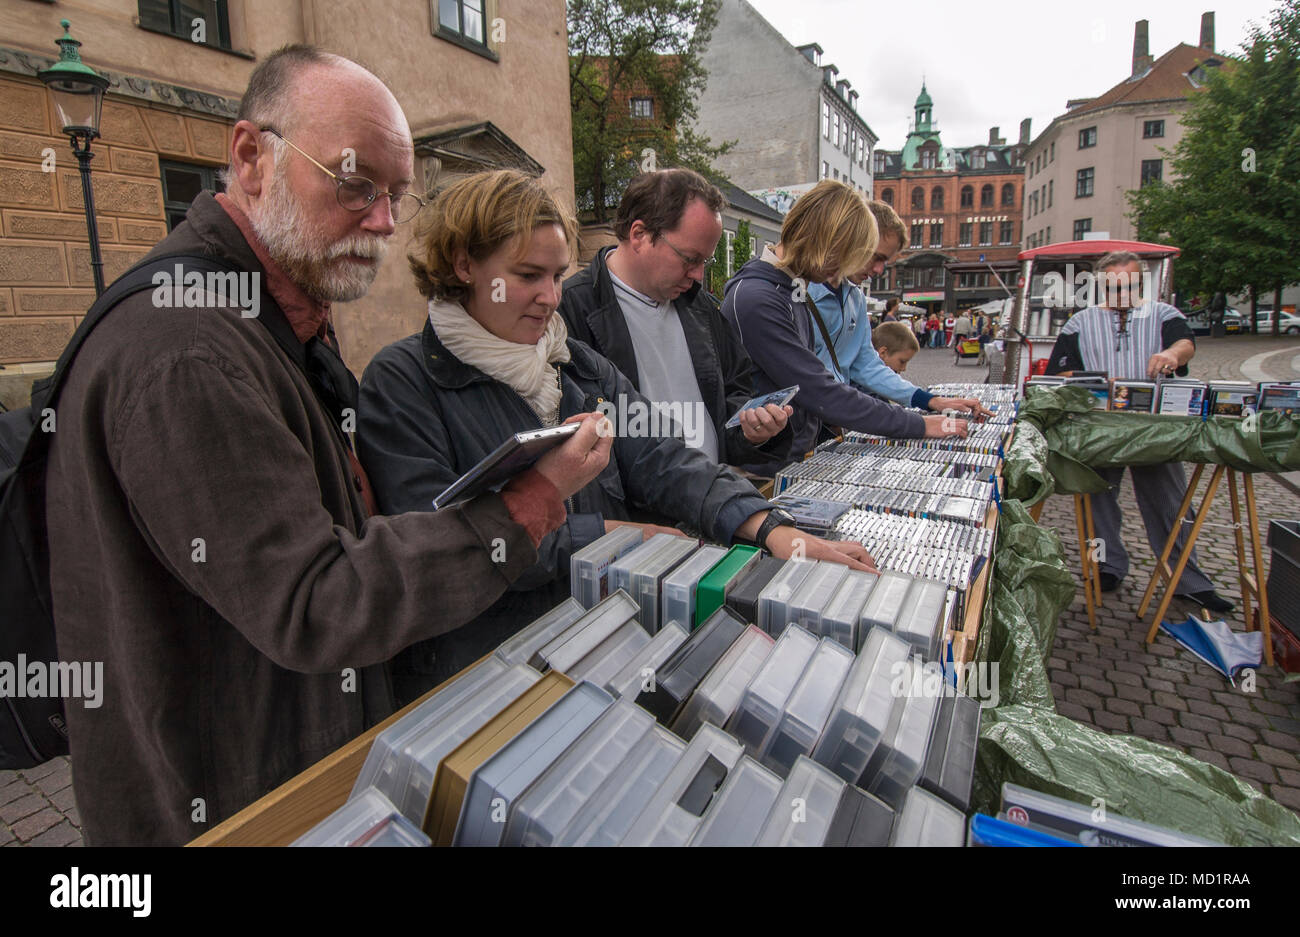 People find out in a flea market, Copenhagen, Denmark. - Stock Image